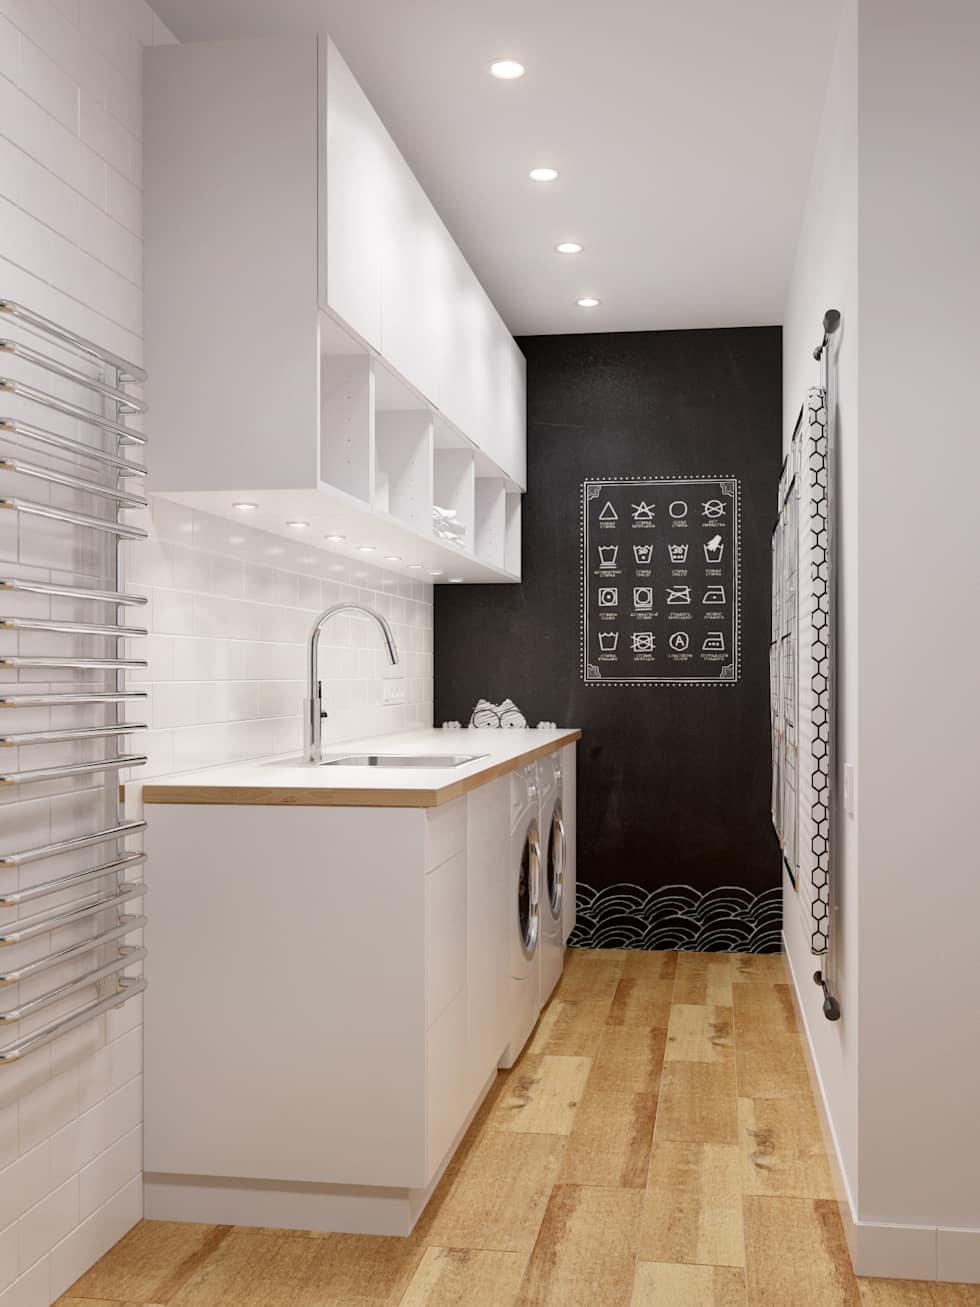 В домах бывают тупиковые коридорчики, которые можно использовать под мини-прачечную